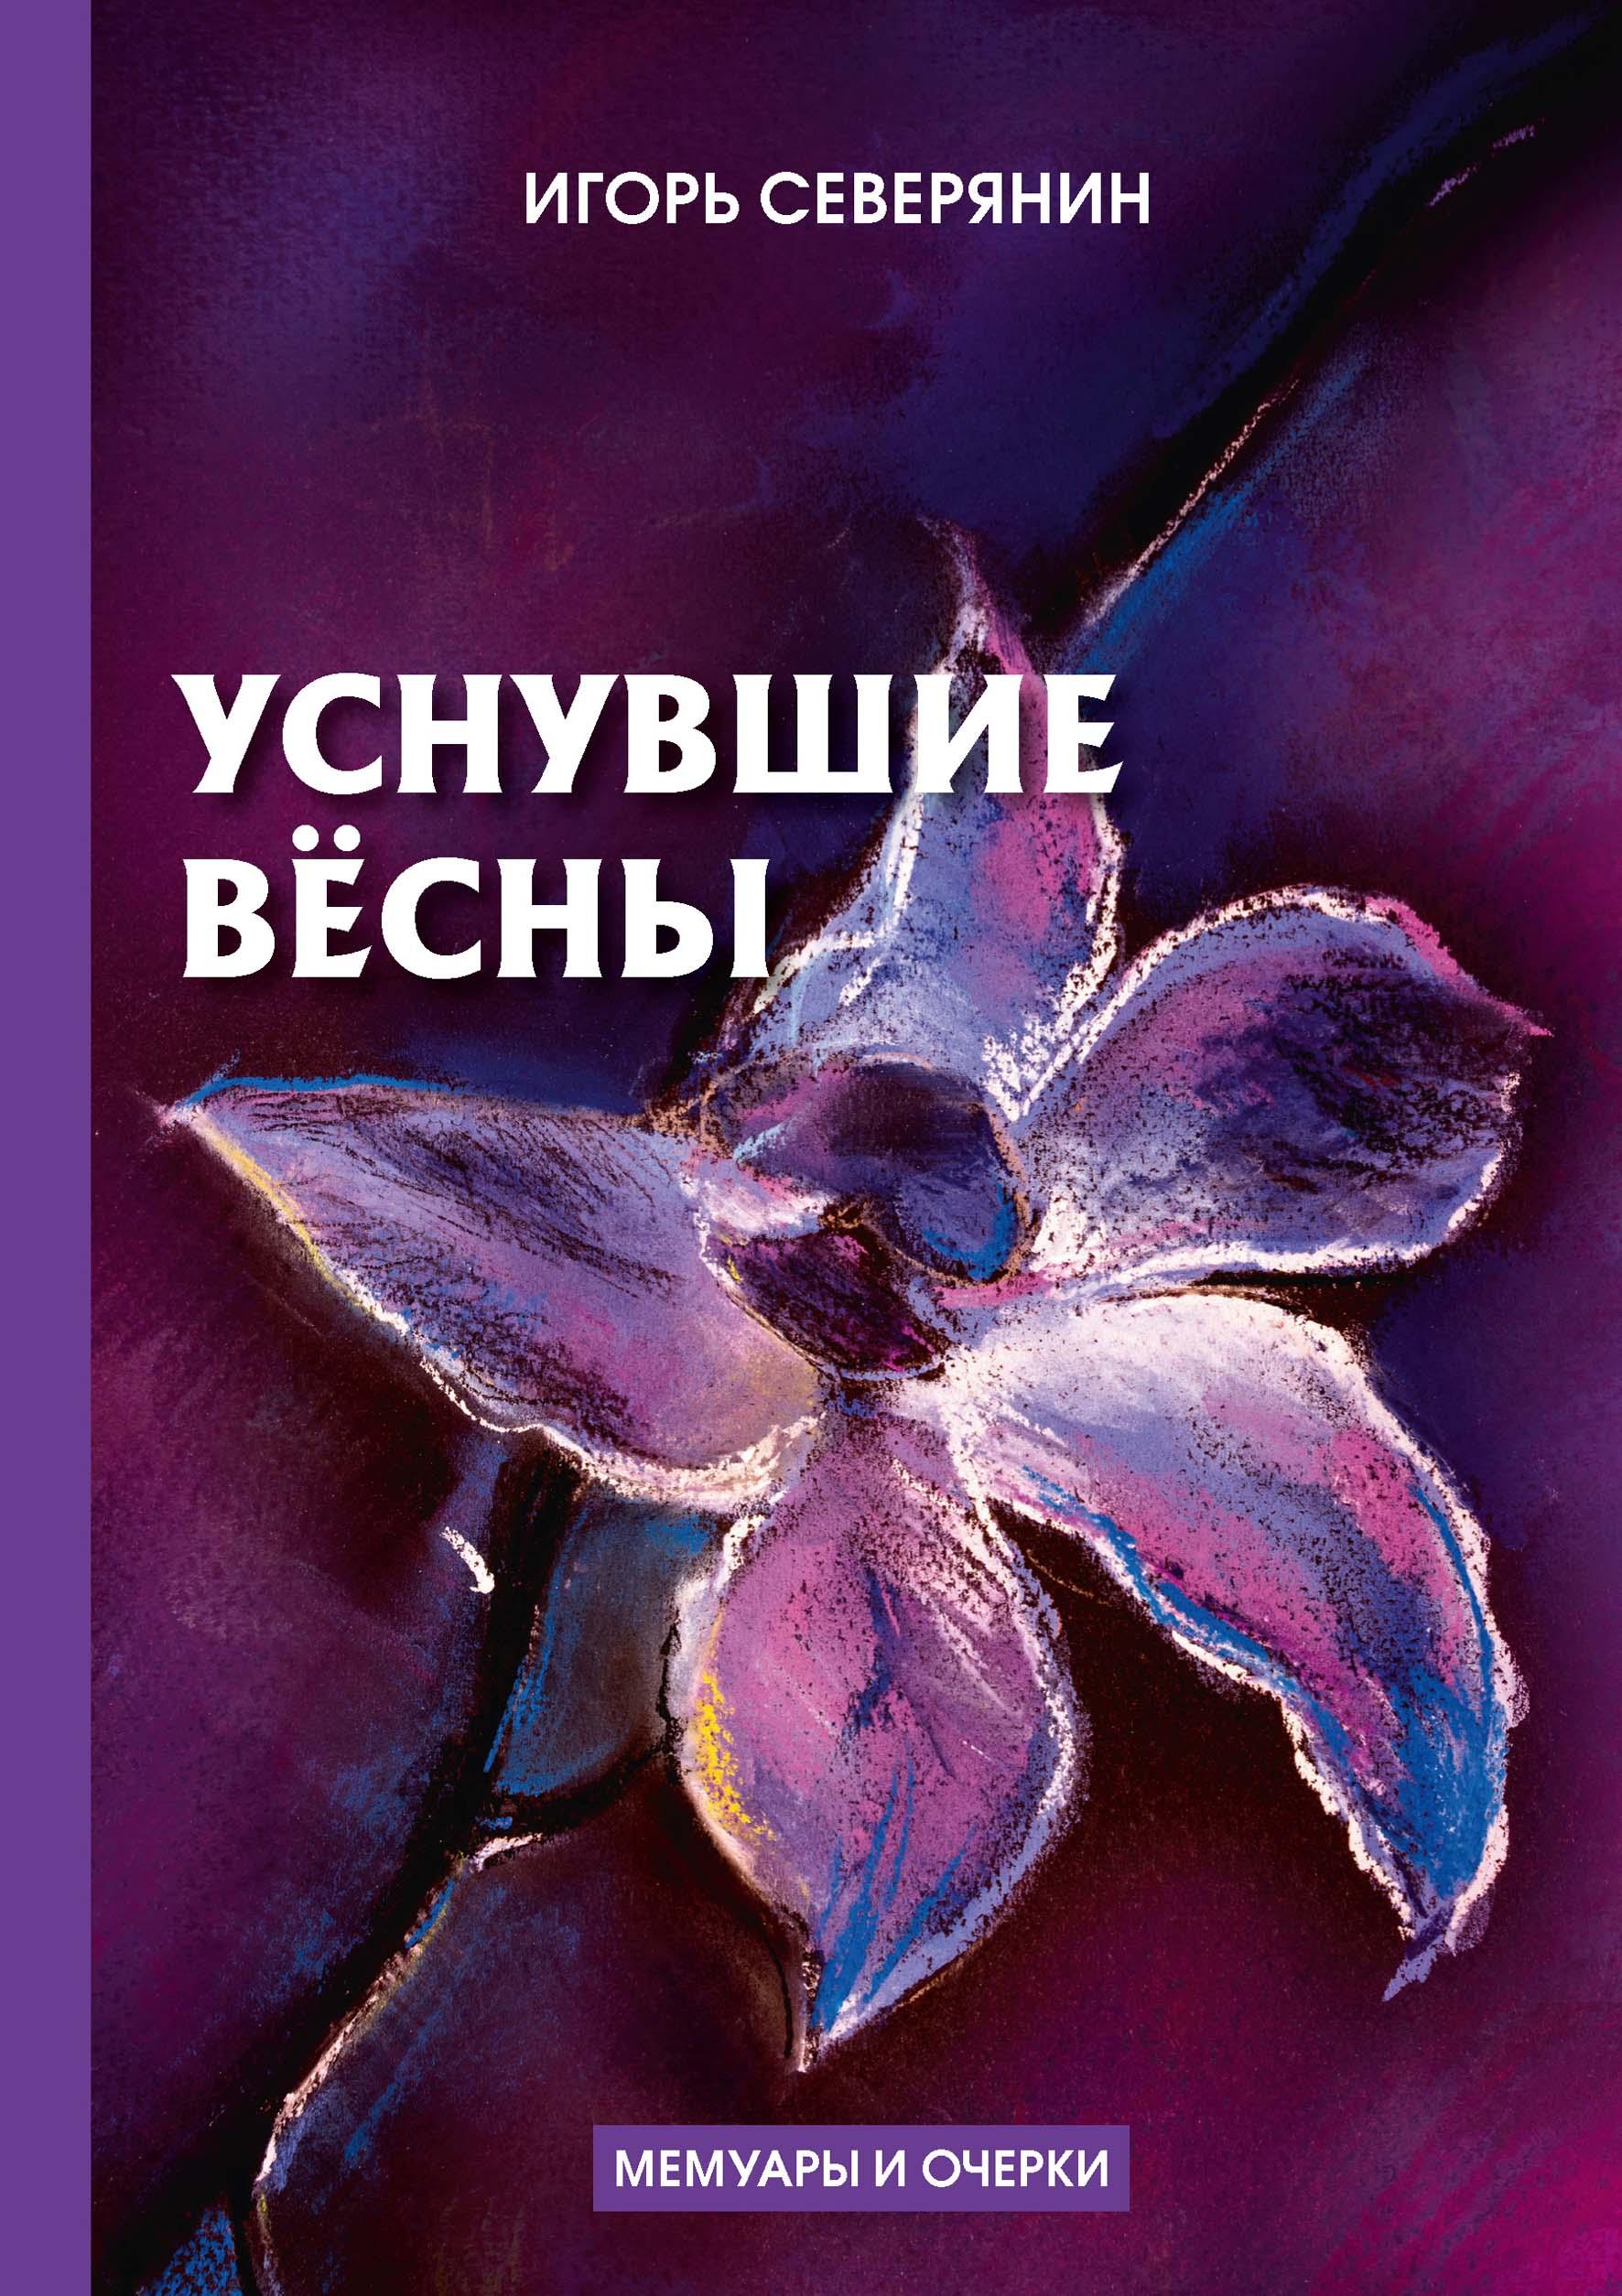 Уснувшие весны. Дневник поэта, Северянин И.